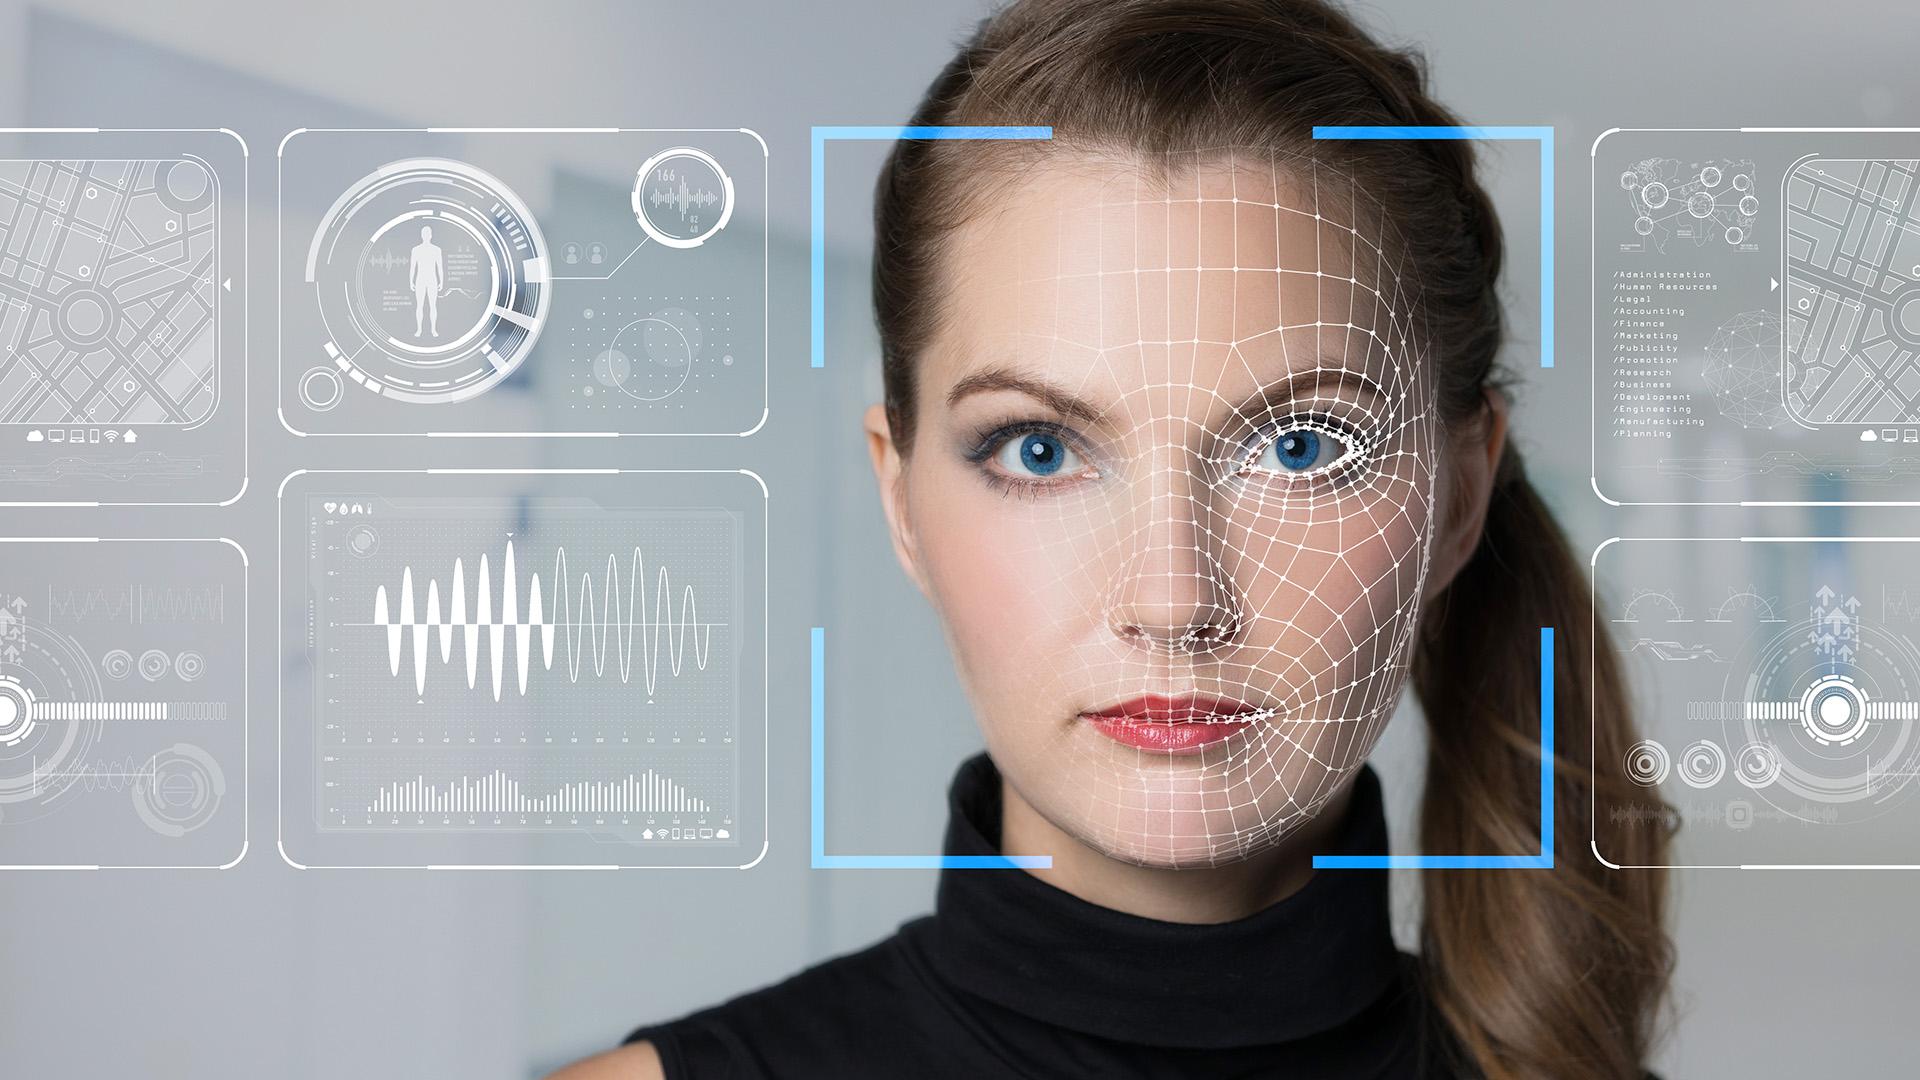 Singapur se convierte en el pais pionero en integrar la verificación facial como sistema nacional de identidad